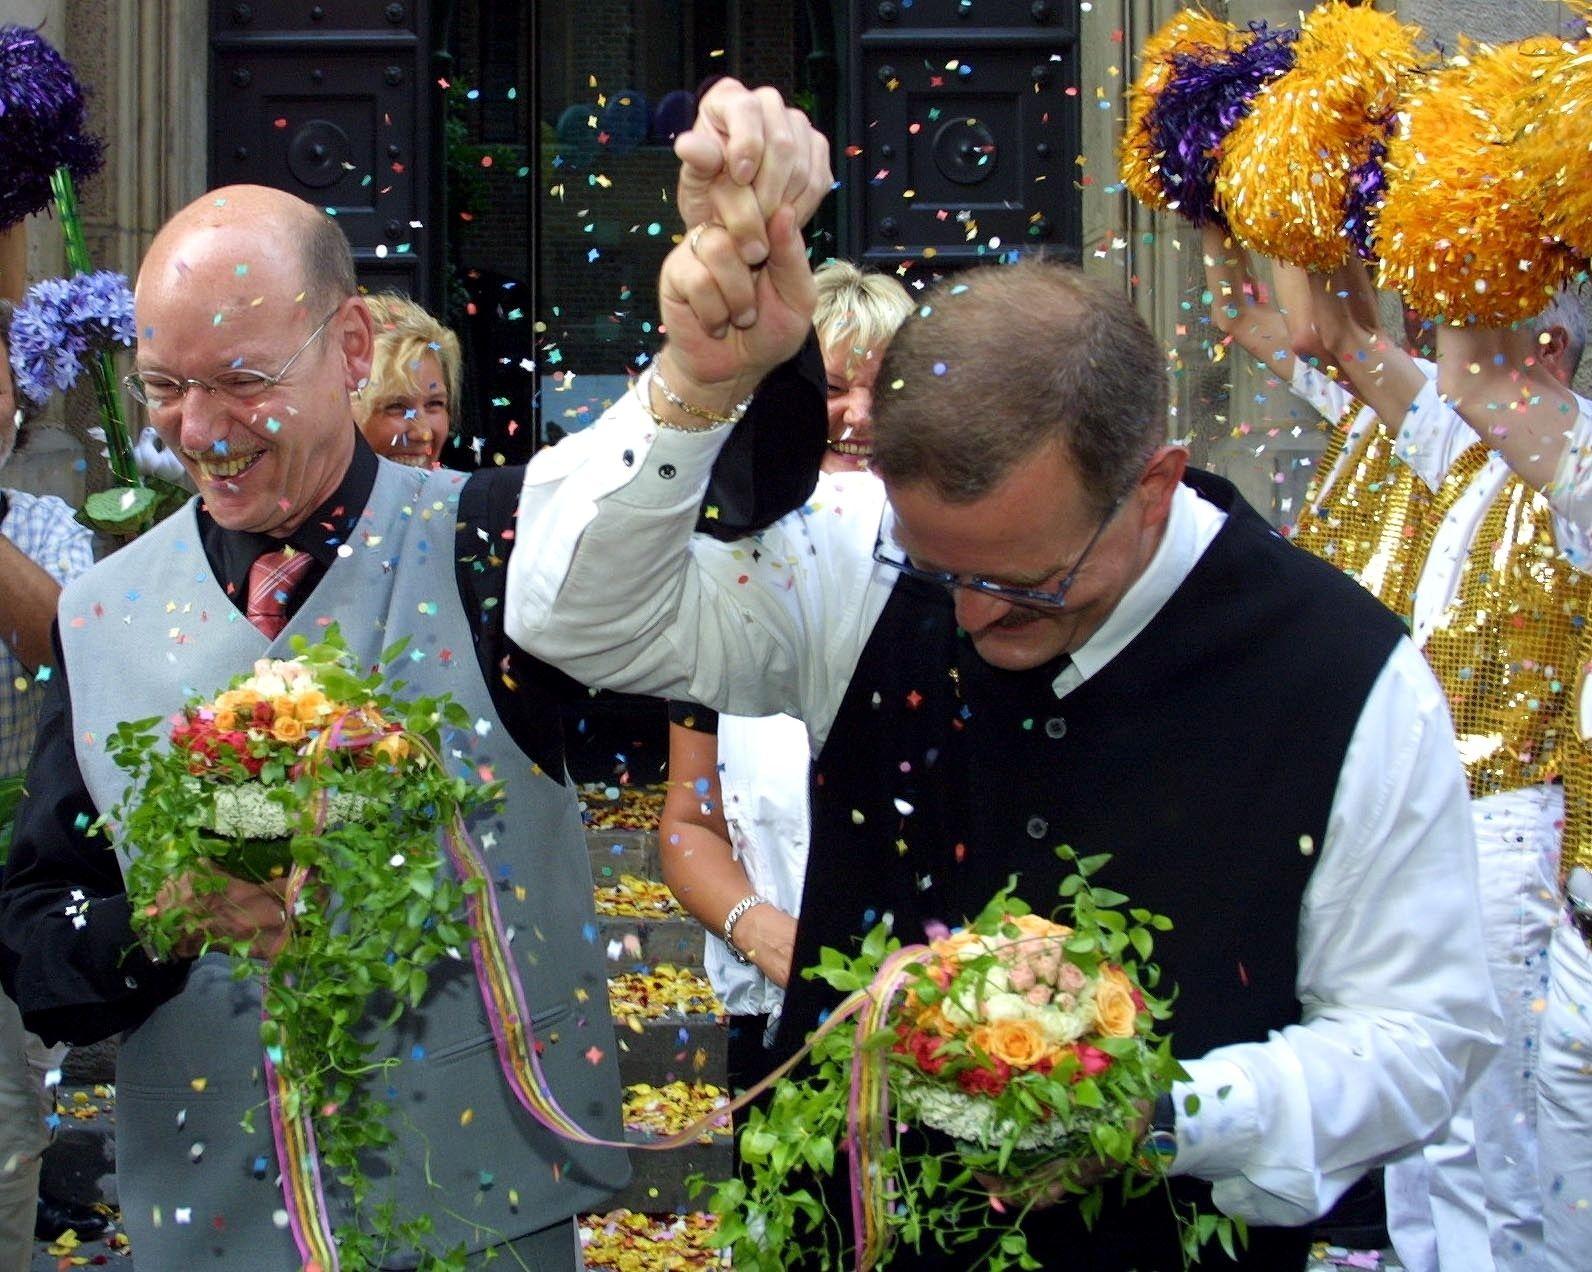 NICHT VERWENDEN CDU/ Homo-Ehe